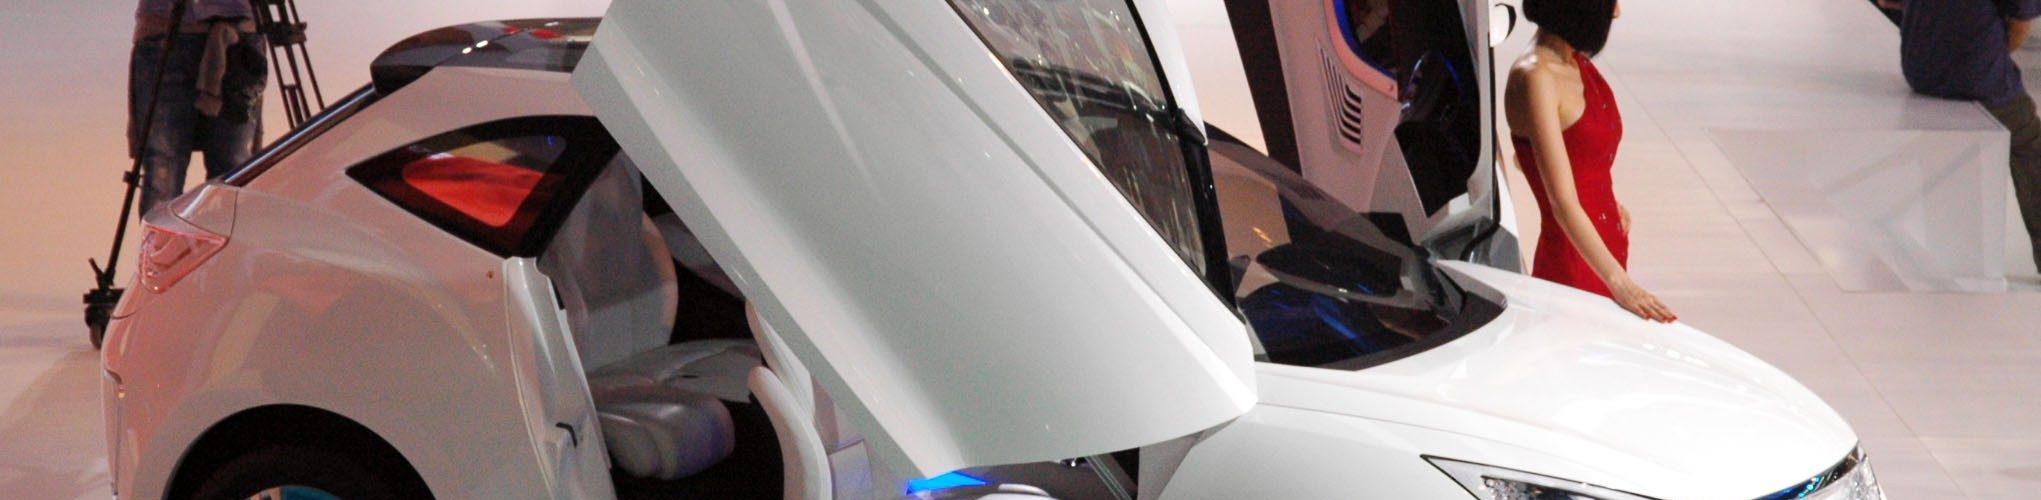 Продажи электромобилей в Китае в 2021 году